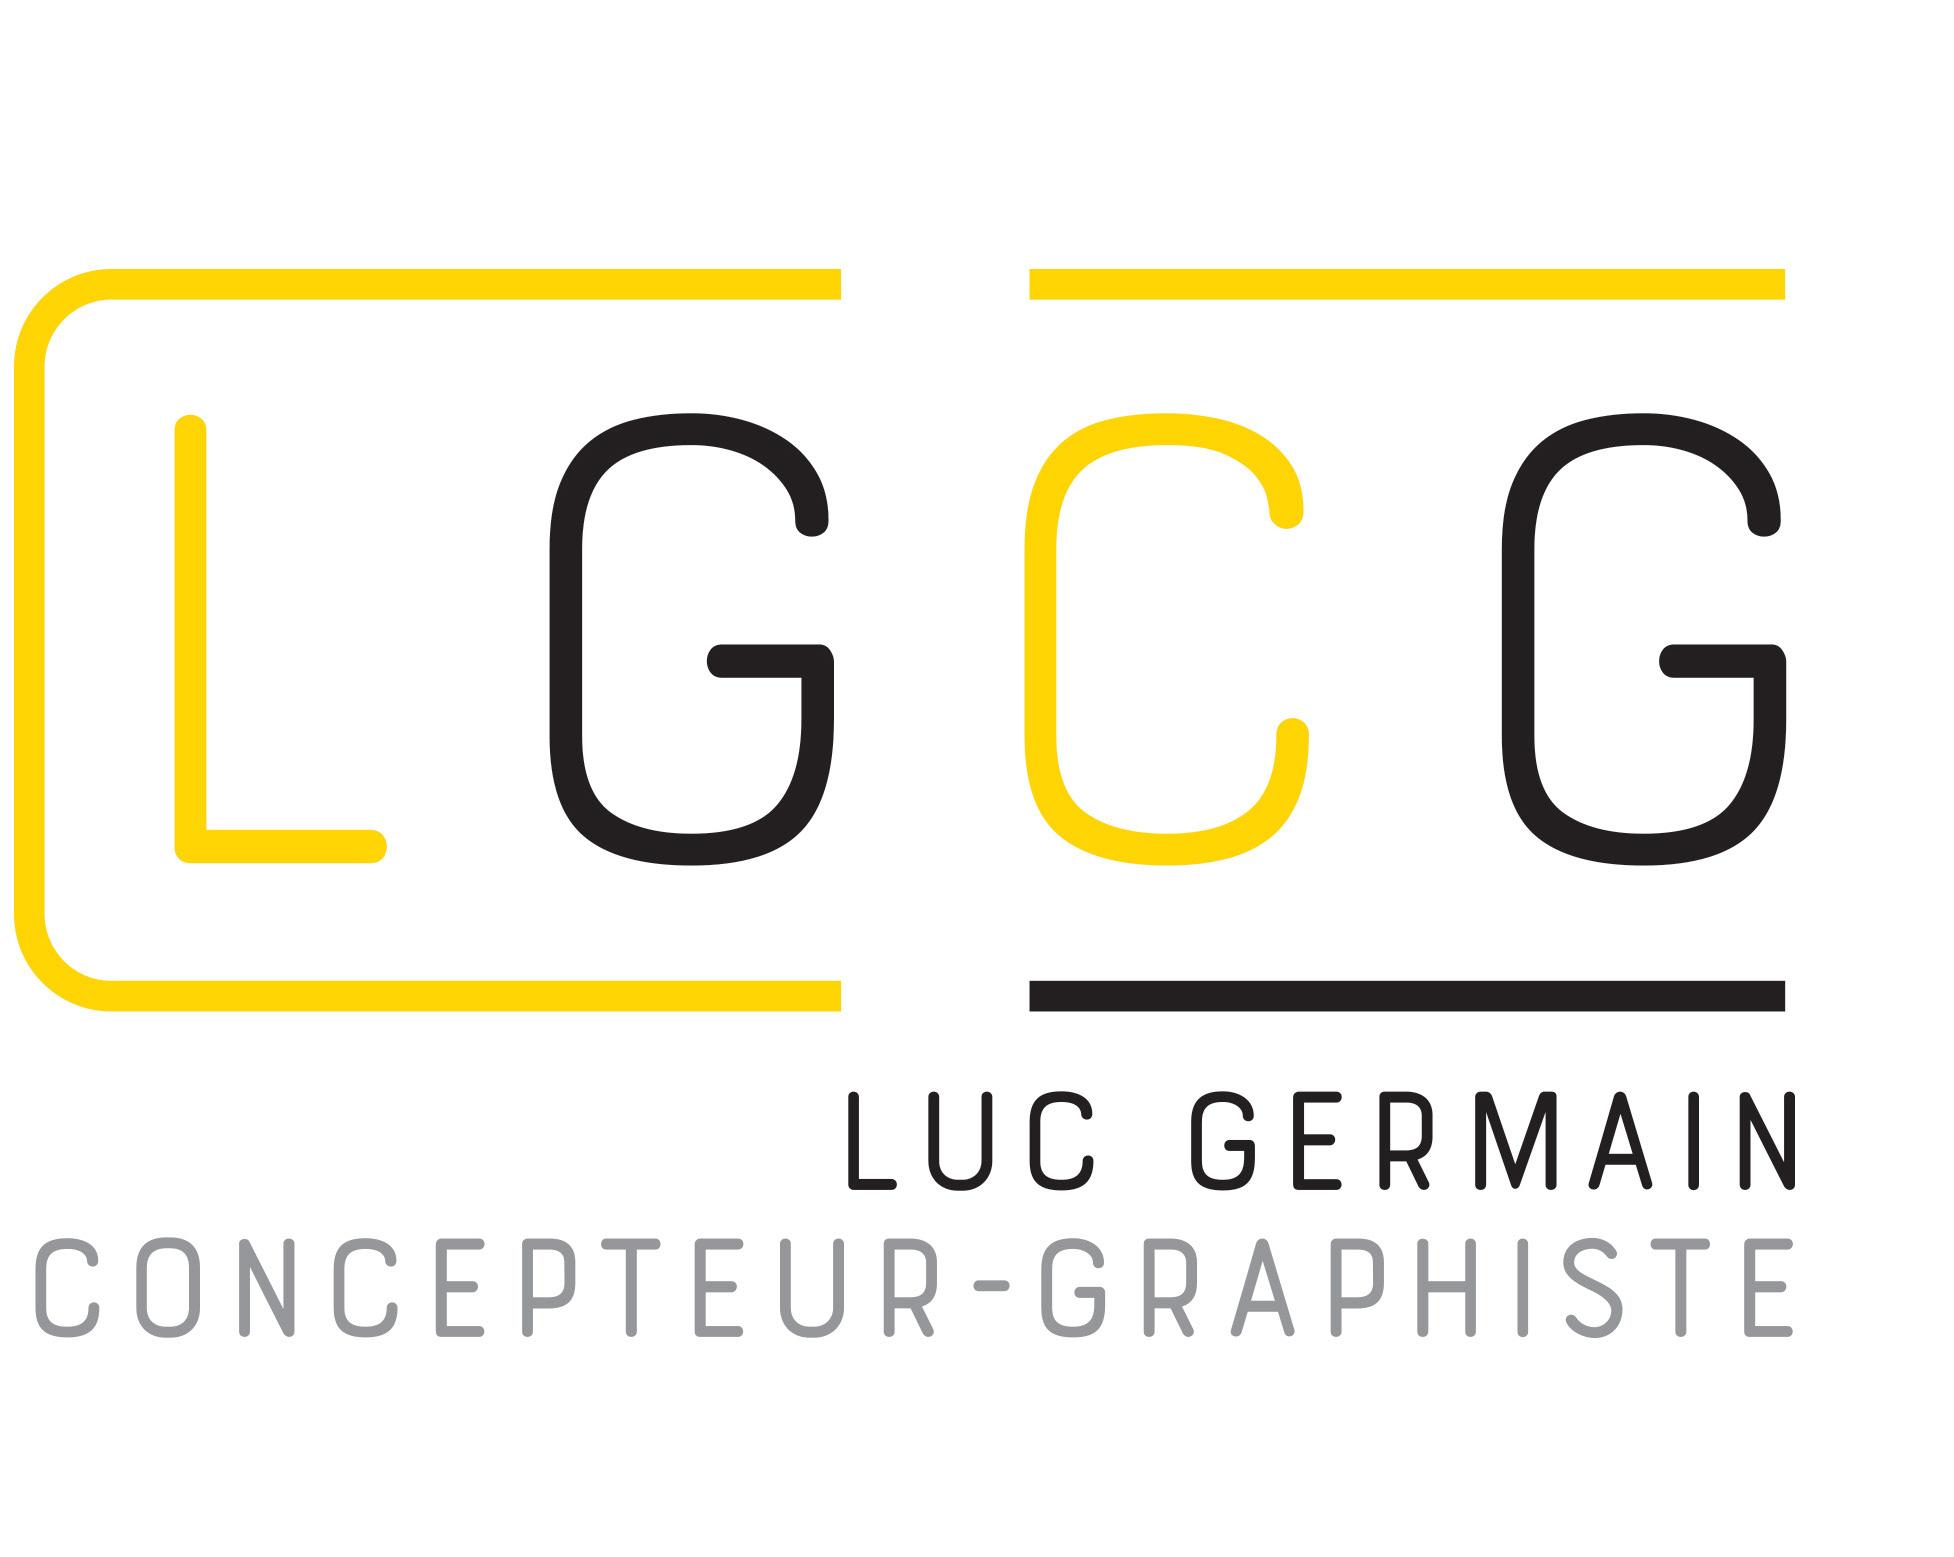 Luc Germain